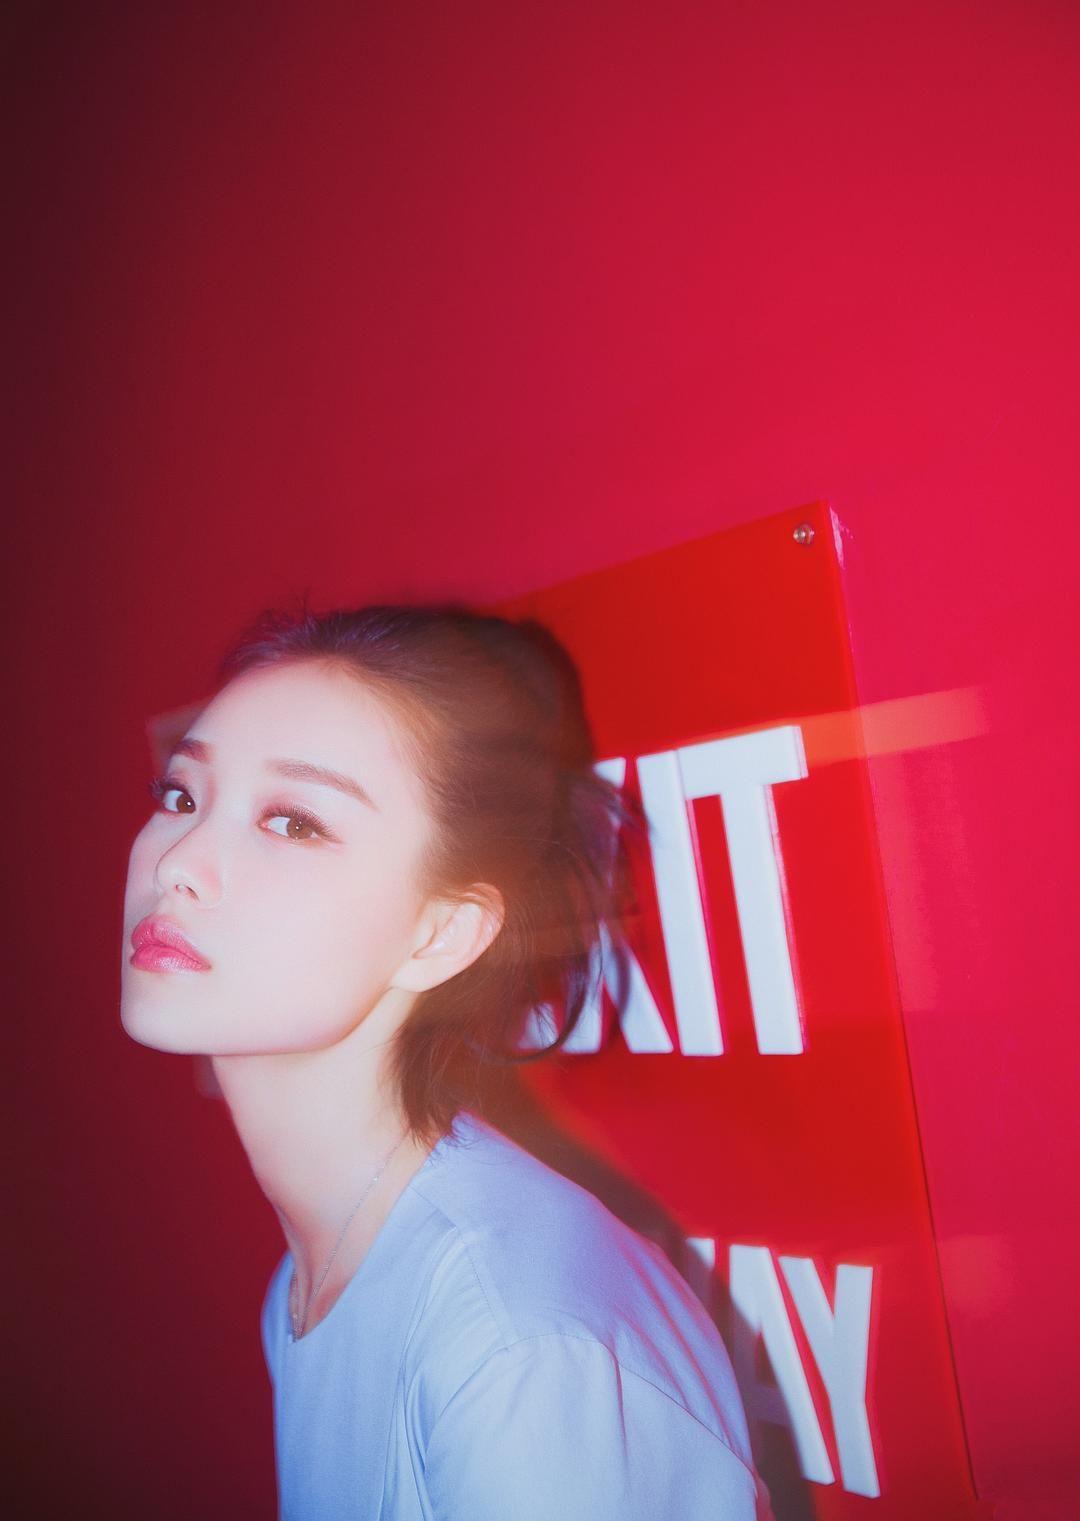 倪妮 Ni Ni 图片 in 2020   Girl, Celebrities, Basic tank top